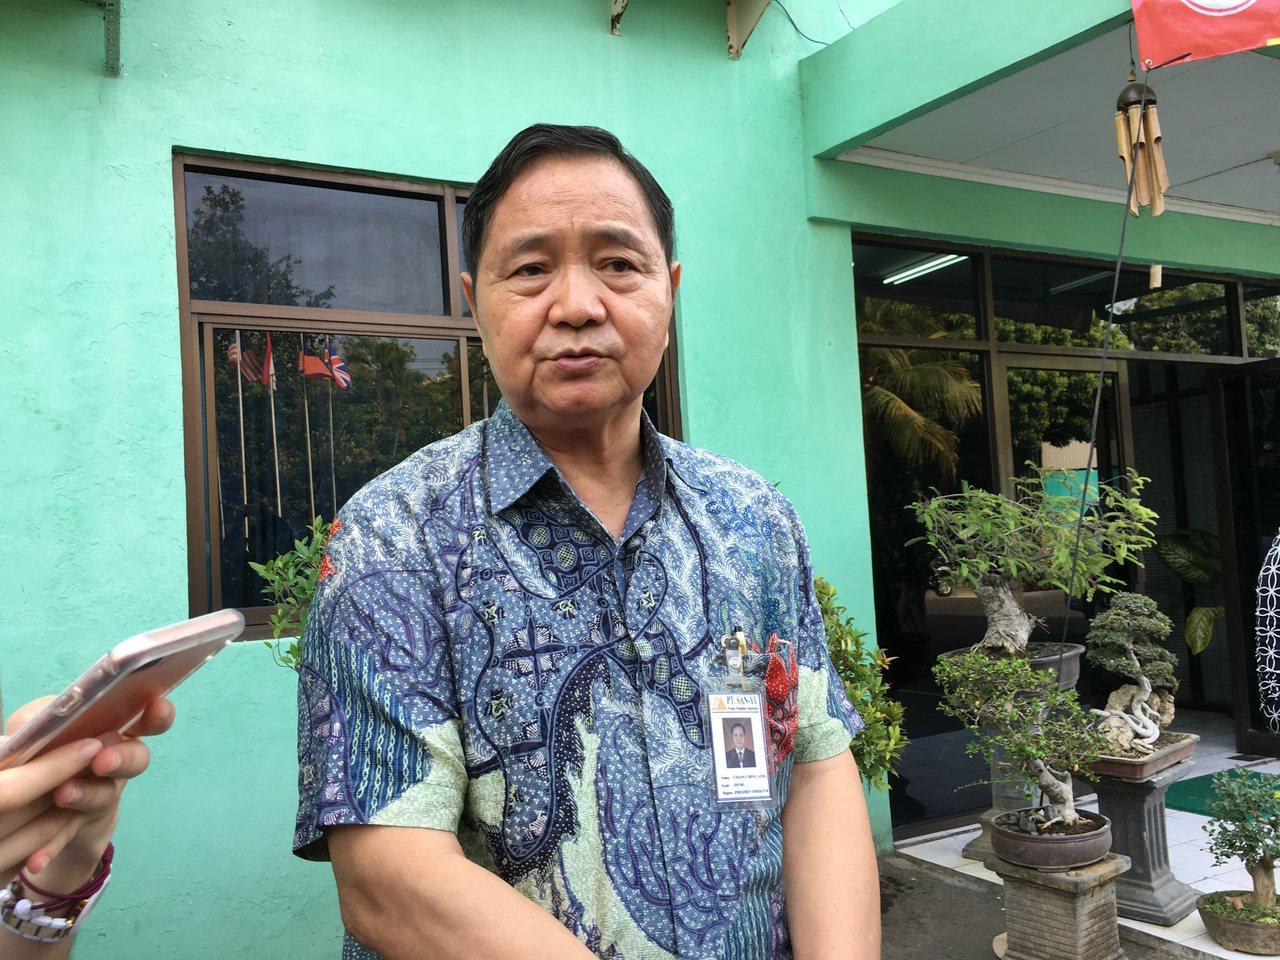 第一波南向、赴印尼中爪哇投資的聖祐木業董事長張慶隆。(江睿智攝)